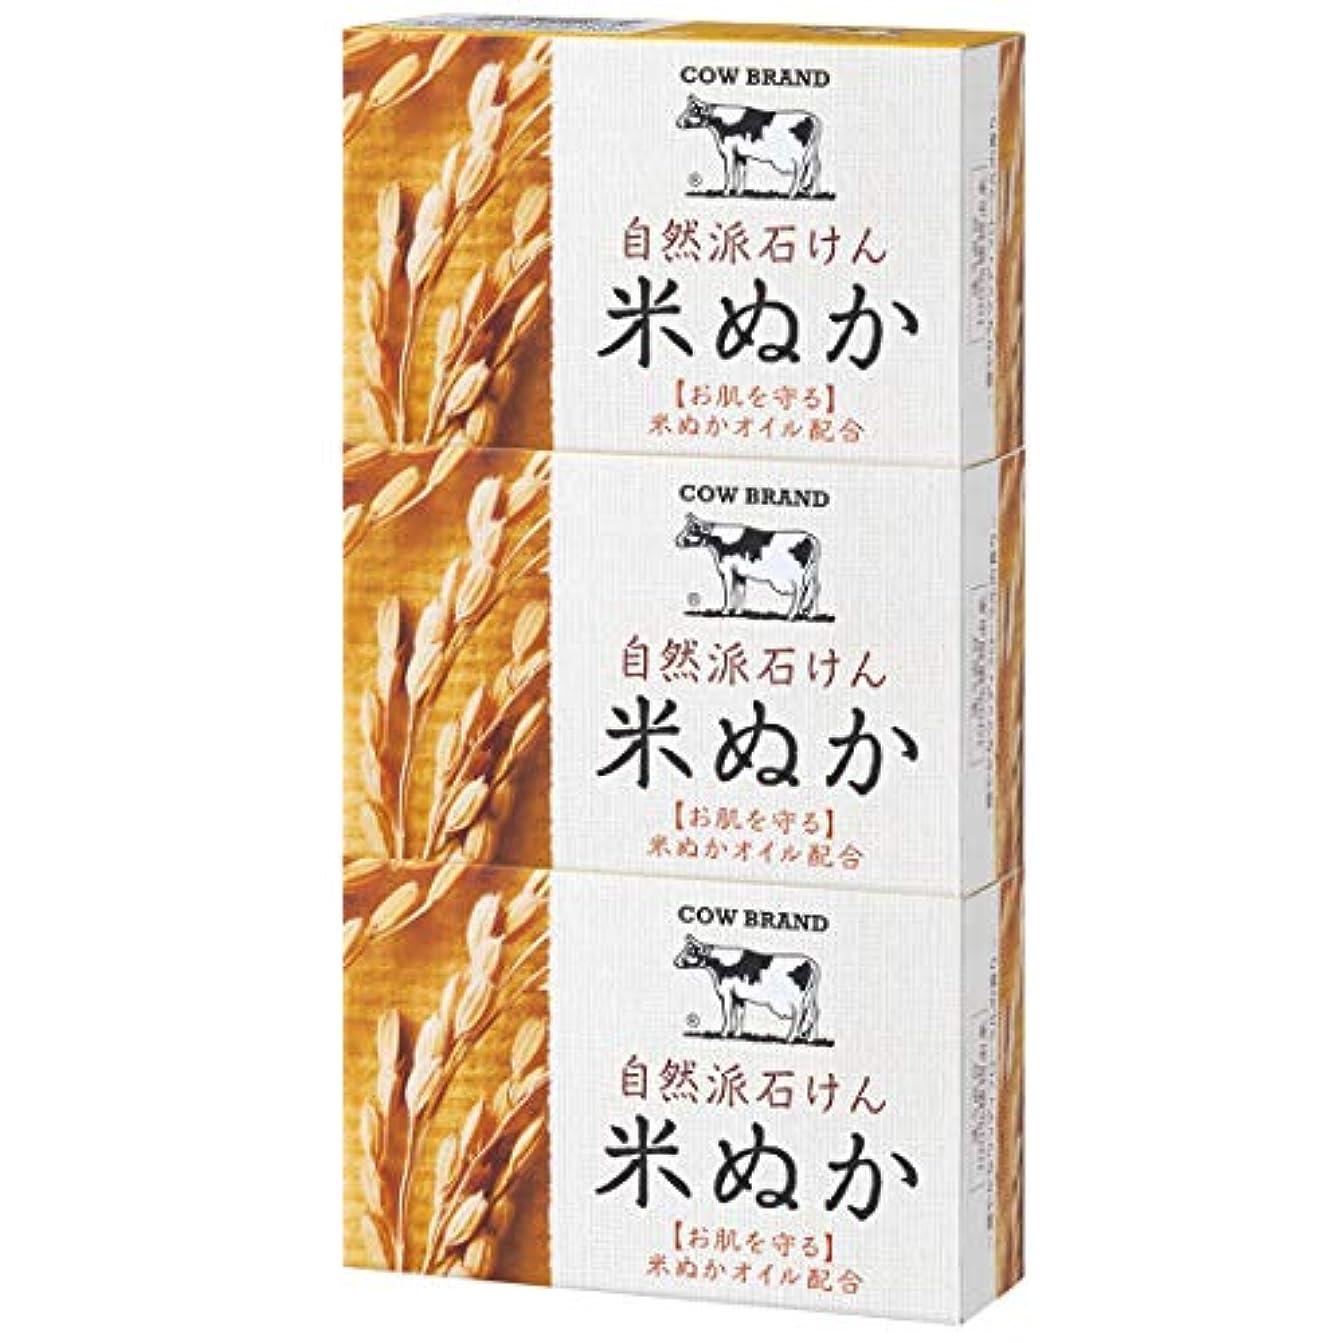 はがき危険を冒しますカートリッジカウブランド 自然派石けん 米ぬか 100g*3個